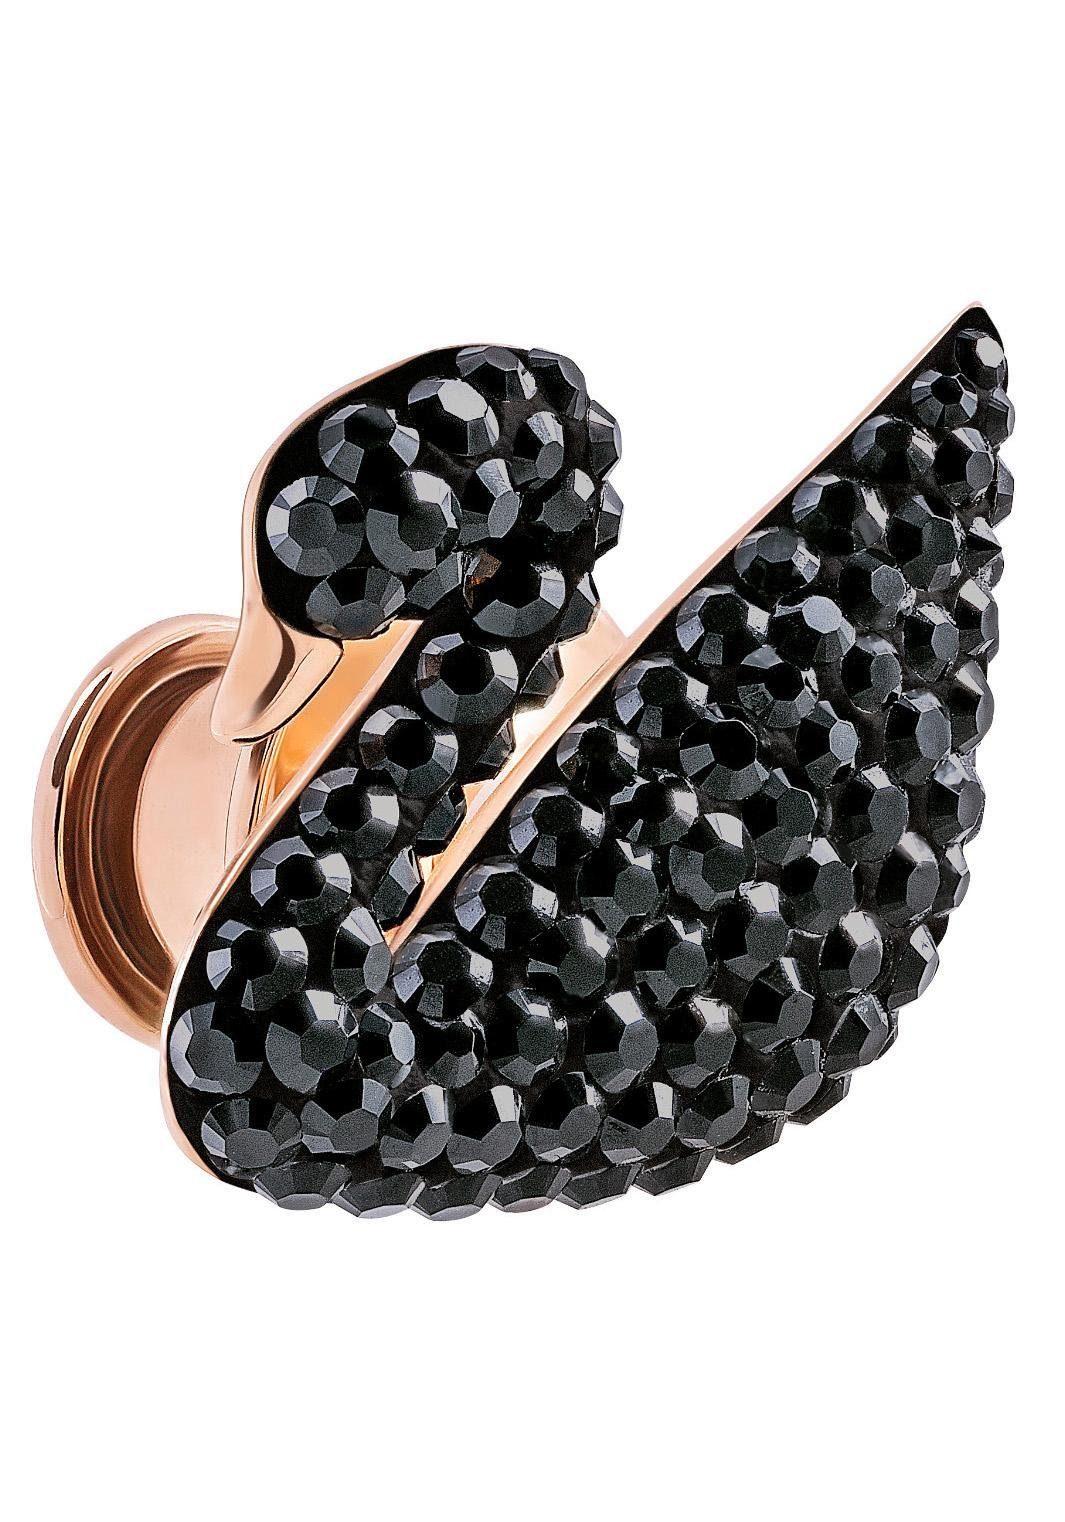 Swarovski Brosche »Schwan, Iconic Swan Pin, schwarz, rosé Vergoldung, 5439869« (Set) mit Swarovsi® Kristallen